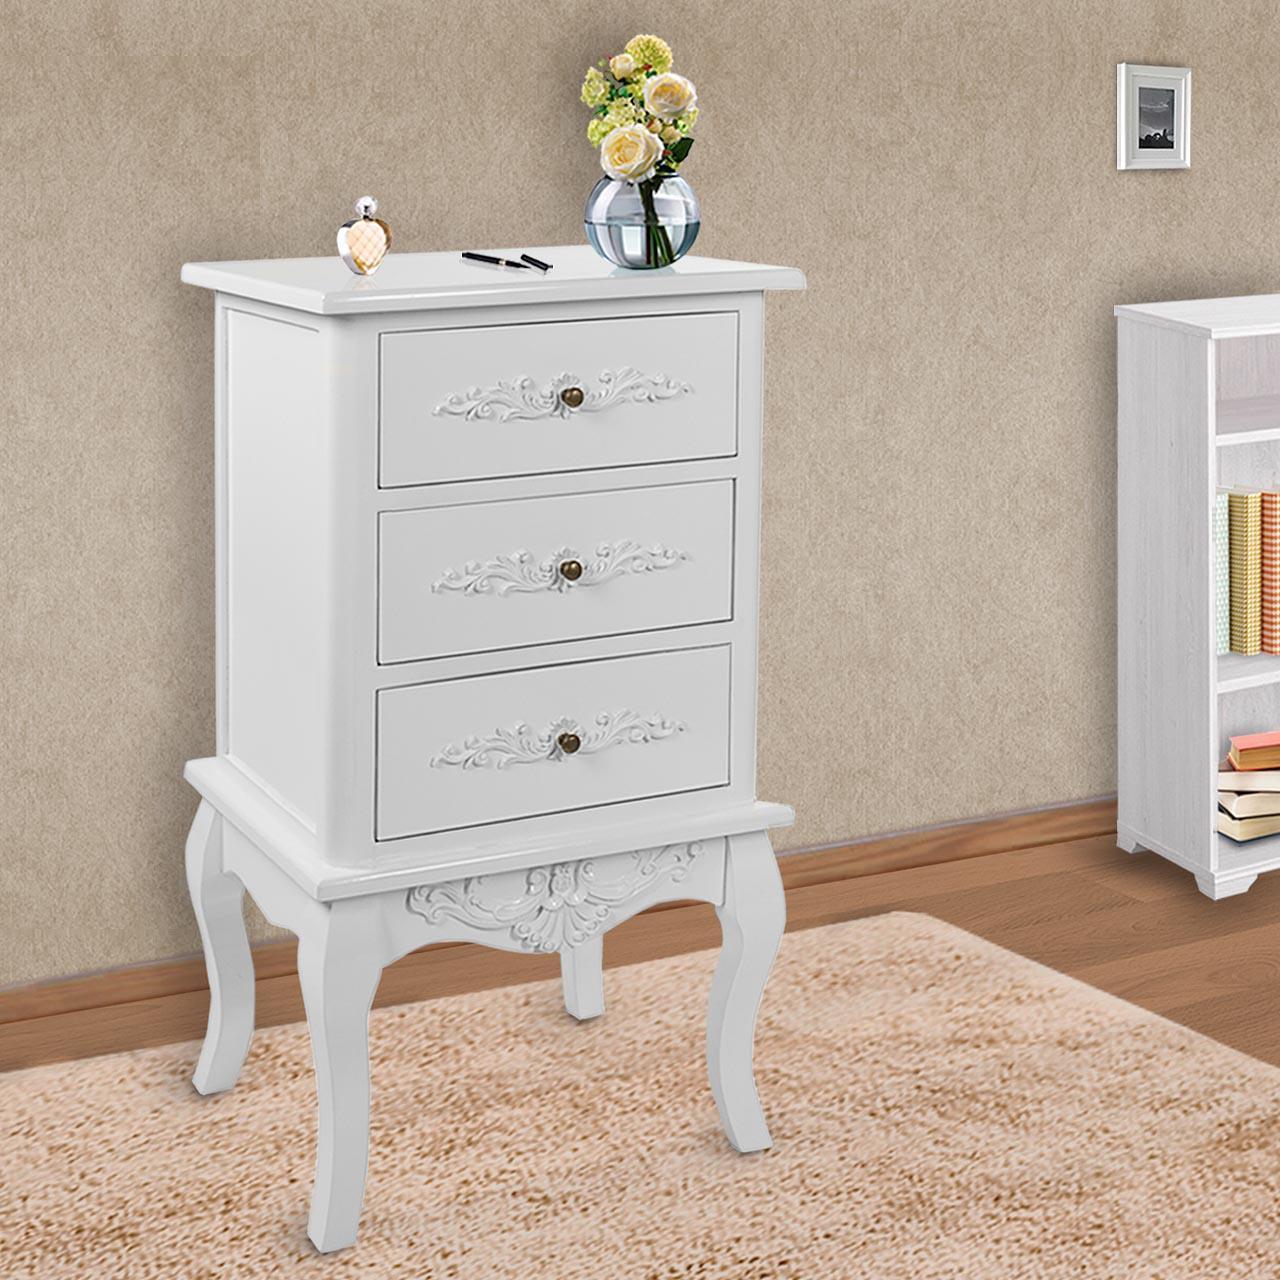 schminktisch mit hocker spiegel frisierkommode. Black Bedroom Furniture Sets. Home Design Ideas